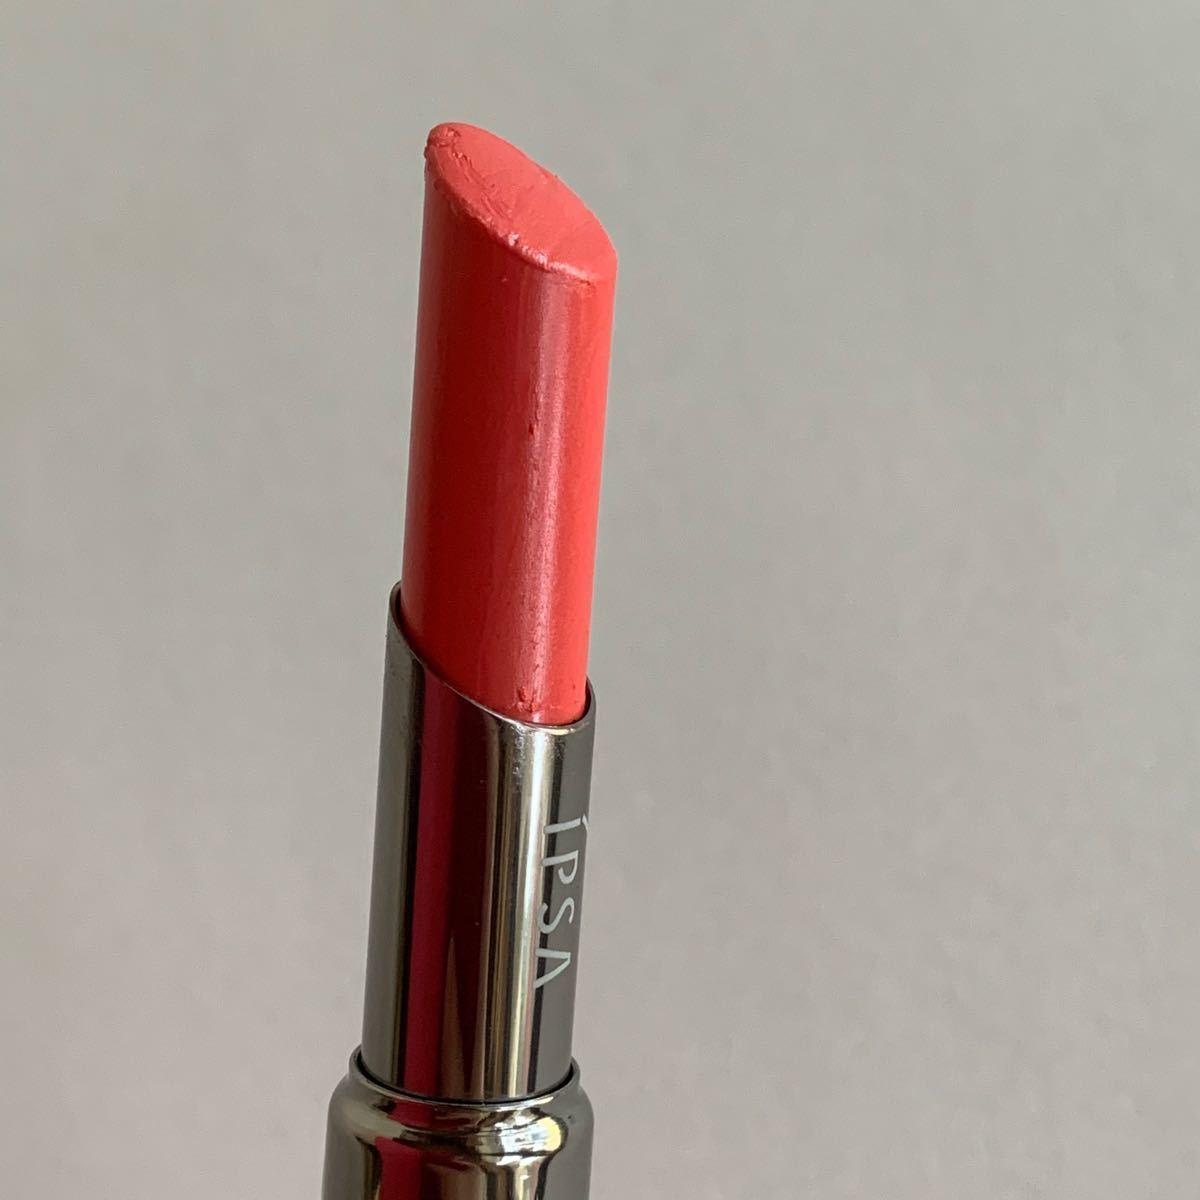 イプサ リップスティック 口紅 ルミナイジング カラー A02 IPSA